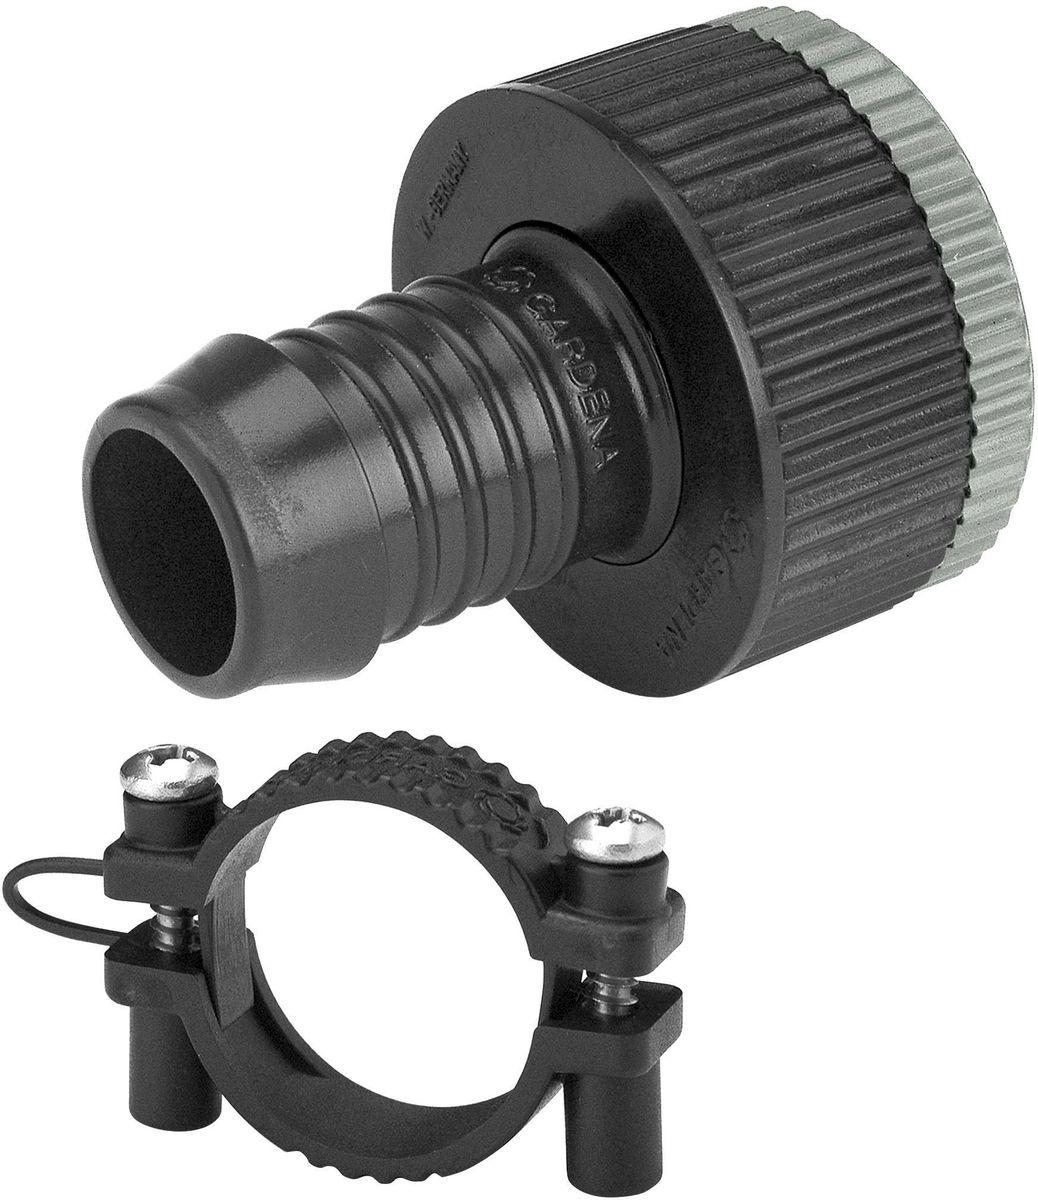 Штуцер Gardena, резьбовой. 01513-27.000.0001513-27.000.00Адаптерная вставка GARDENA предназначена для создания устойчивого к постоянному давлению шлангового соединения между водопроводным краном и входной колонкой GARDENA (арт. 2722-20). При подсоединении клапана для полива или водозаборной колонки, как правило, создается постоянное давление. Адаптерная вставка подходит для кранов с резьбой 26,5 мм (G 3/4) и 33,3 мм (G 1), а также для шлангов диаметром 19 мм (3/4). В комплект поставки входит хомут для крепления шланга. Кроме того, адаптерная вставка может использоваться для перехода с подающего шланга 19 мм (3/4) на шланг 25 мм с соединителем GARDENA, наружная резьба 25 мм х 1 (арт. 2763-20).